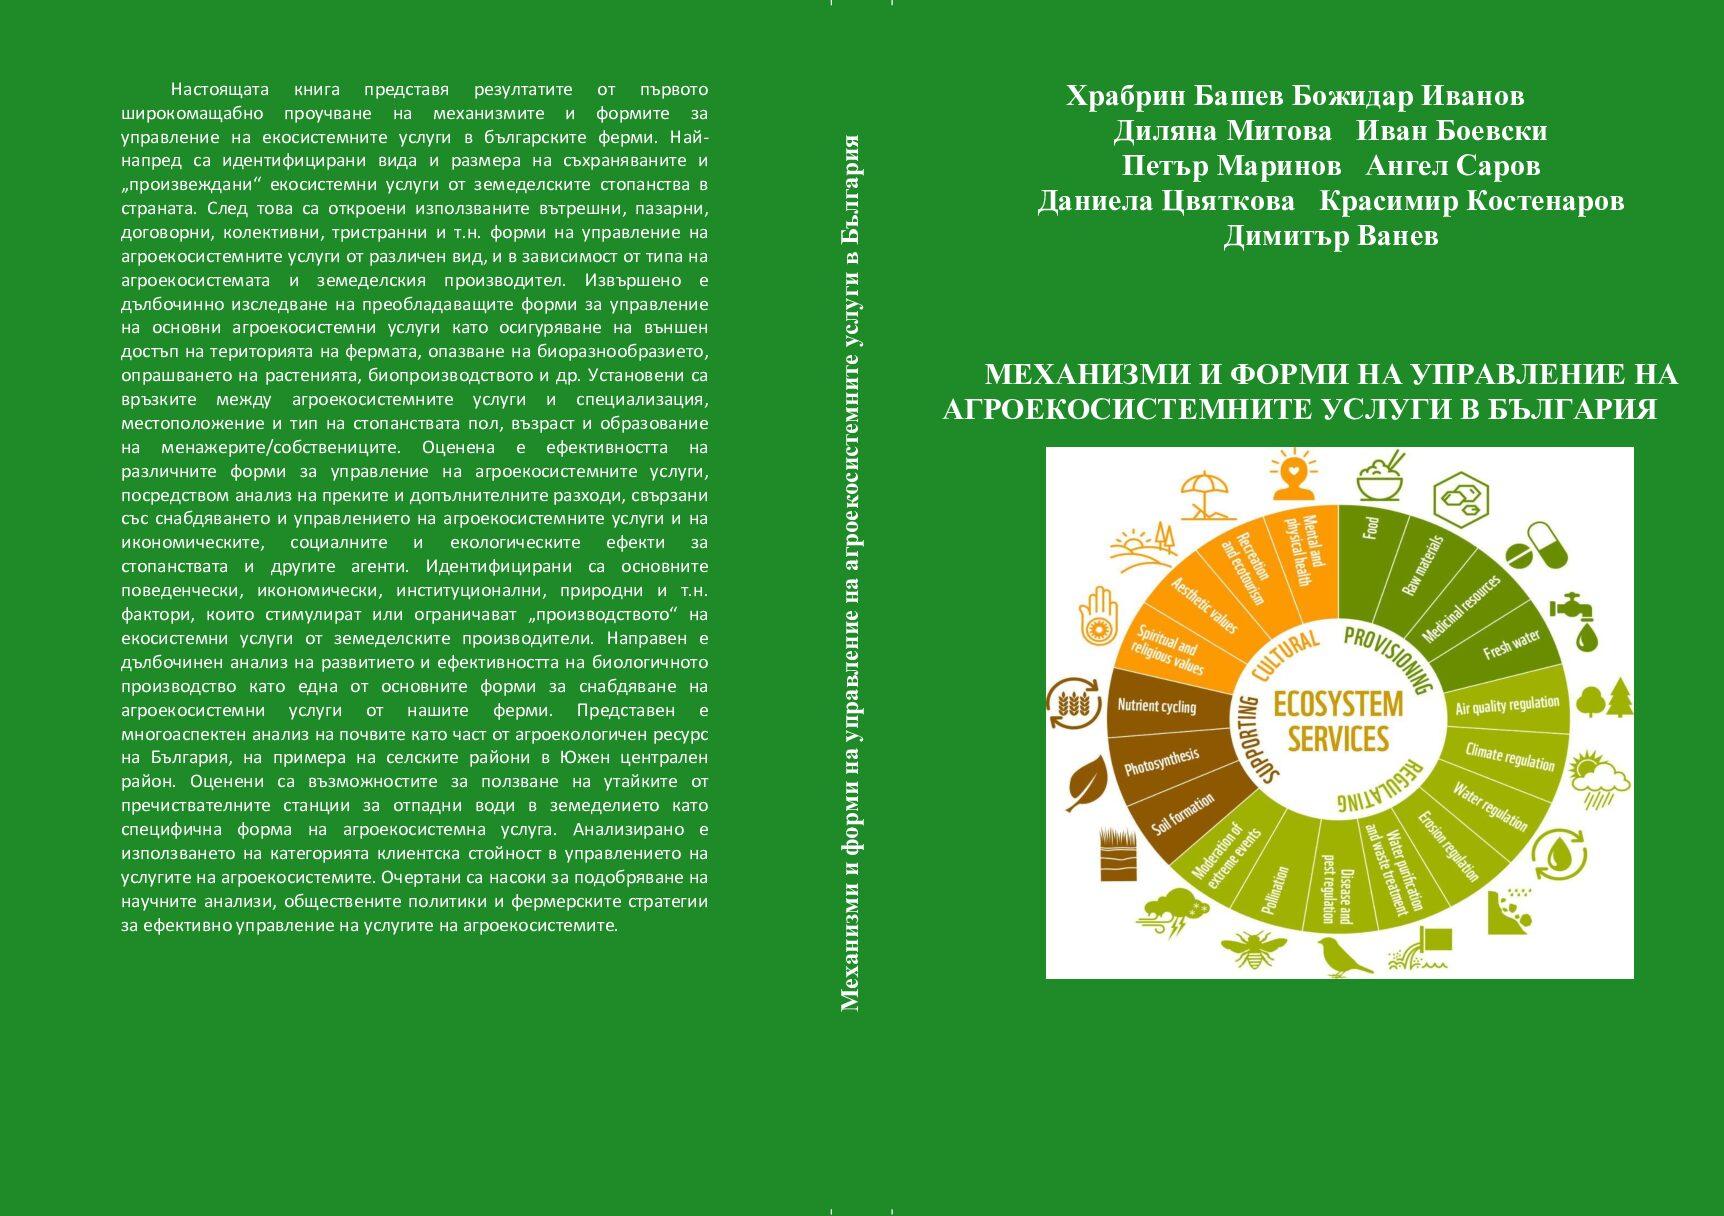 Нова книга на учените от Института по аграрна икономика – първото широкомащабно проучване на агроекосистемните услуги в българските ферми